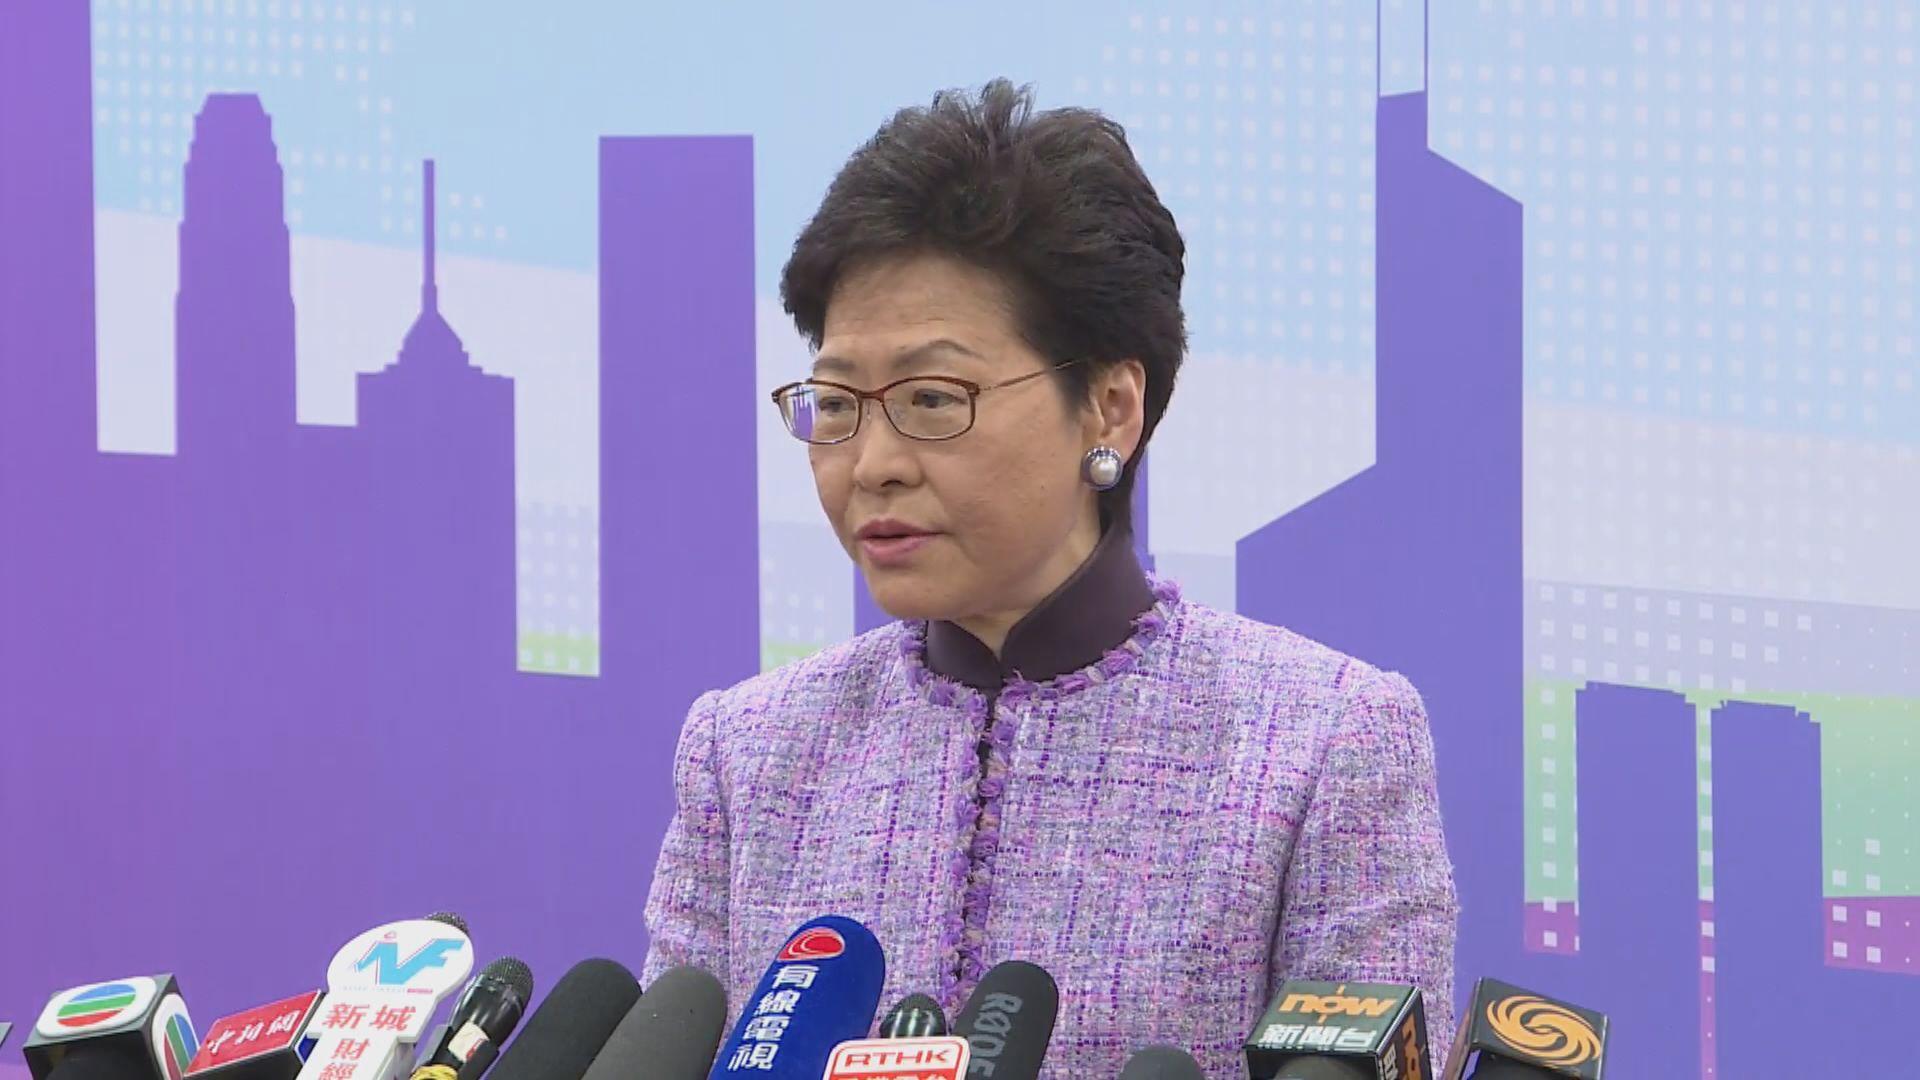 林鄭:若四港人決定上訴政府將提供協助